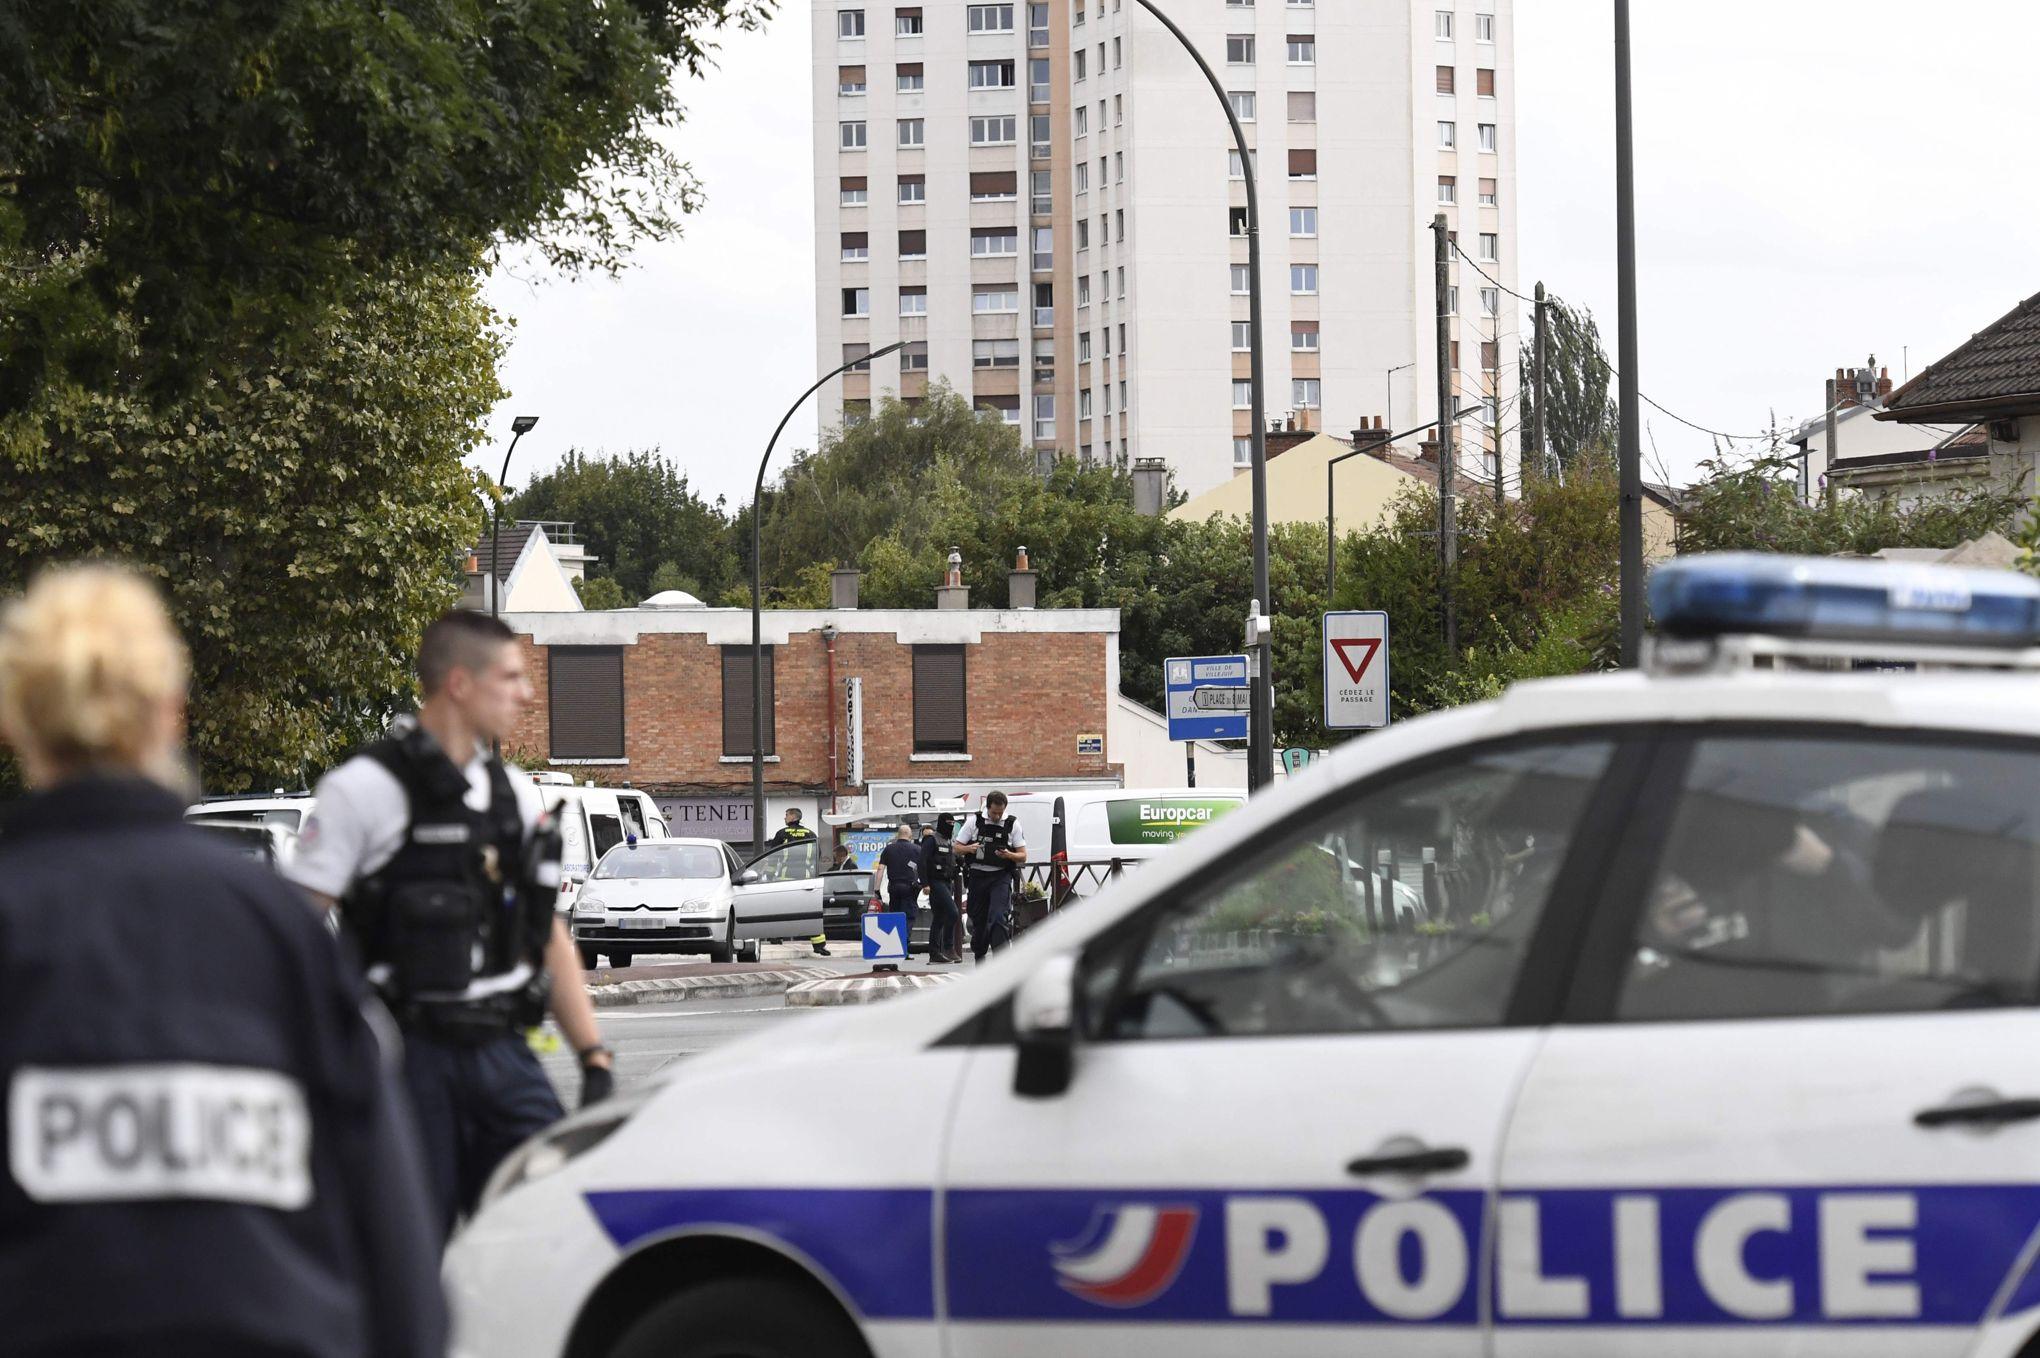 La Bonne Conduite Kremlin Bicetre explosifs à villejuif : les deux suspects projetaient un attentat